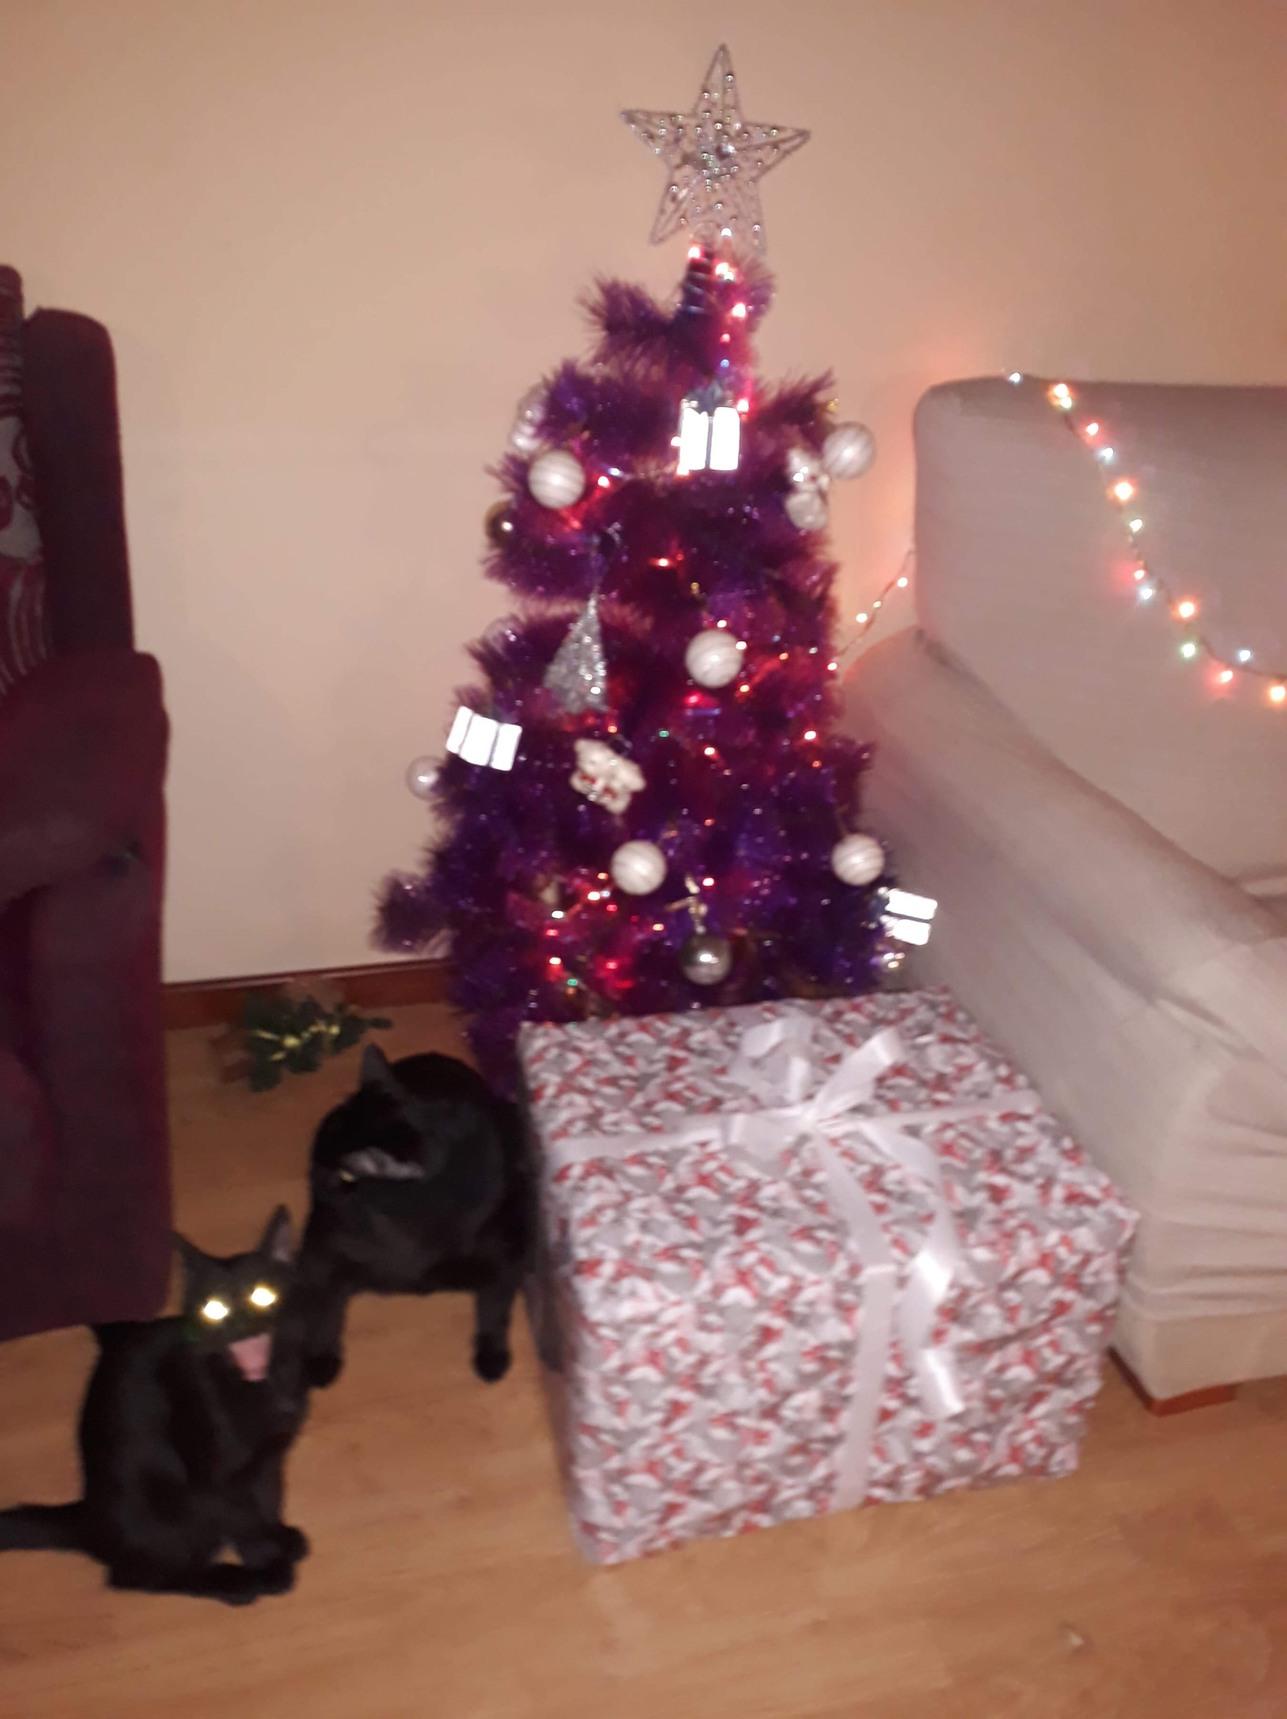 Navidad llegó - meme